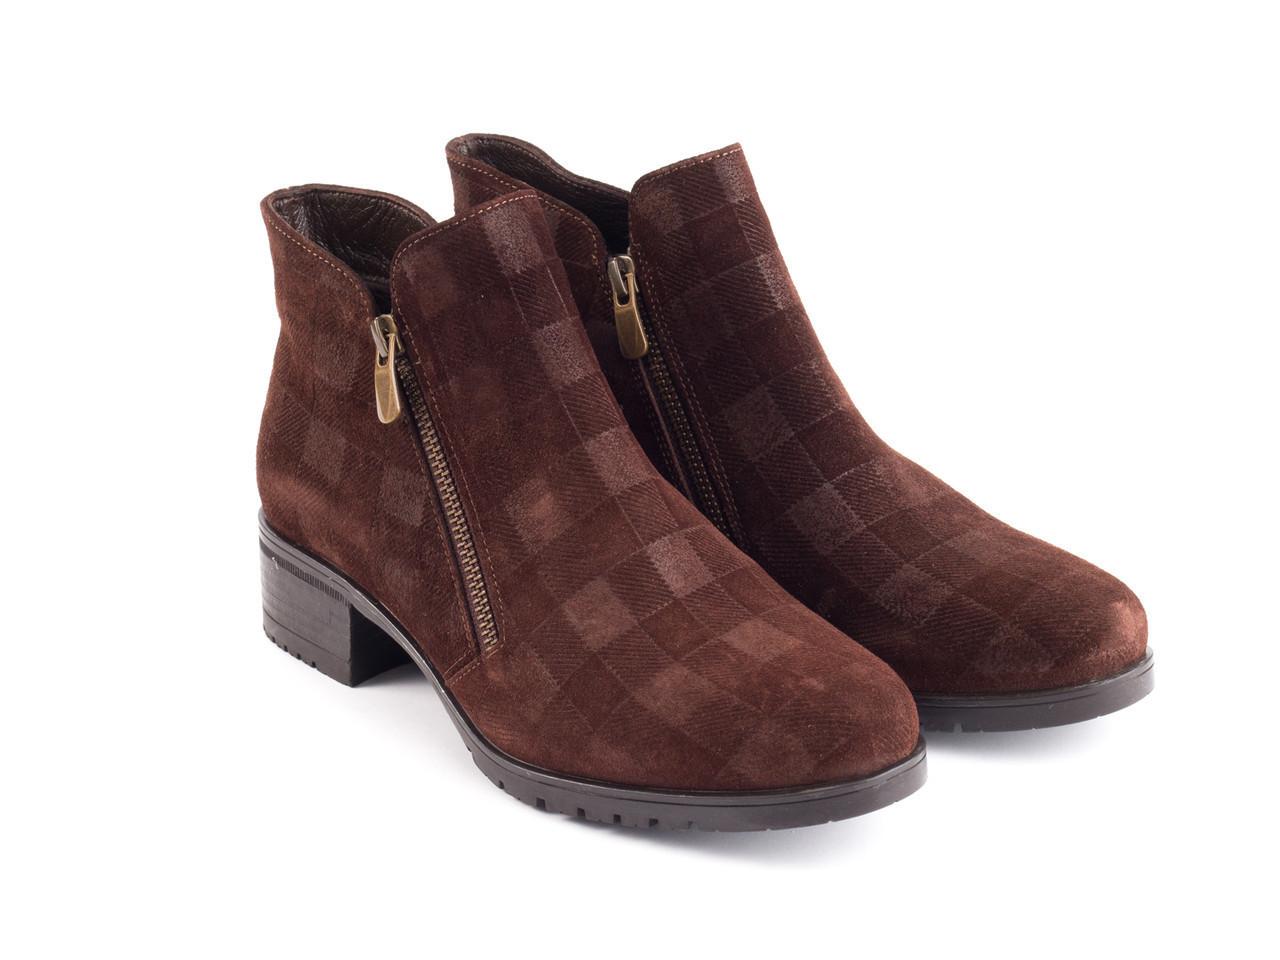 Ботинки Etor 5577-0698-9530 38 коричневые